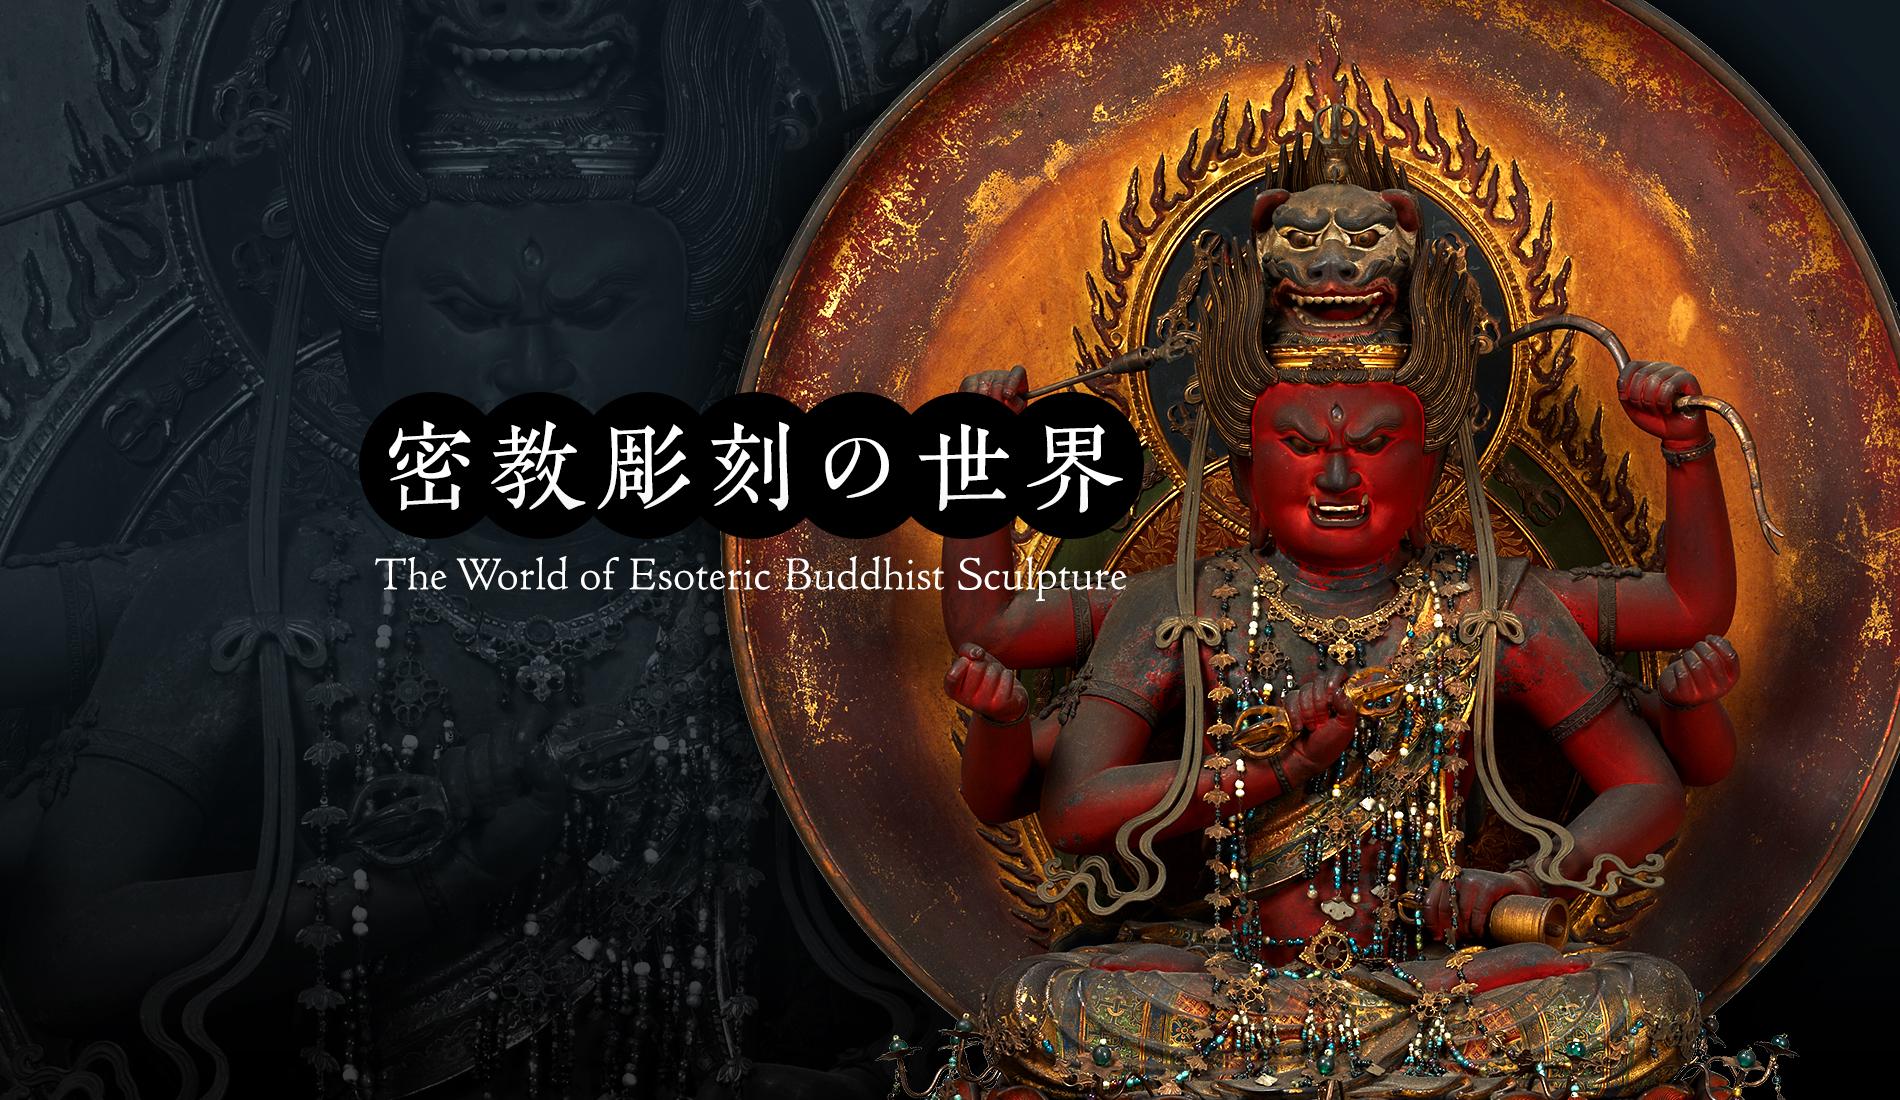 密教彫刻の世界